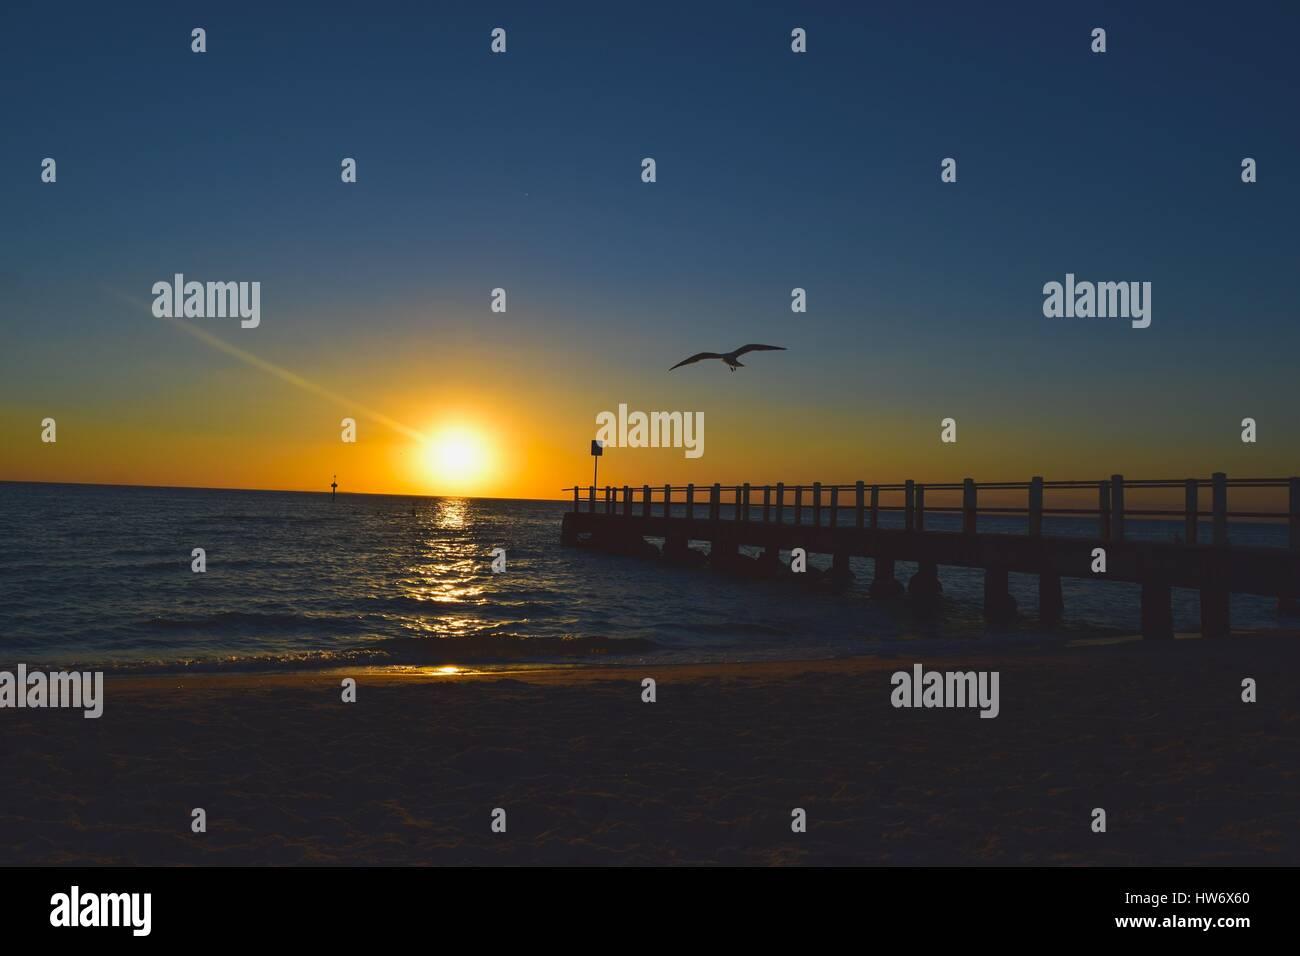 Uno dei molti splendidi tramonti sulla spiaggia di Brighton, su una tranquilla serata. Foto catturate come seagull Immagini Stock